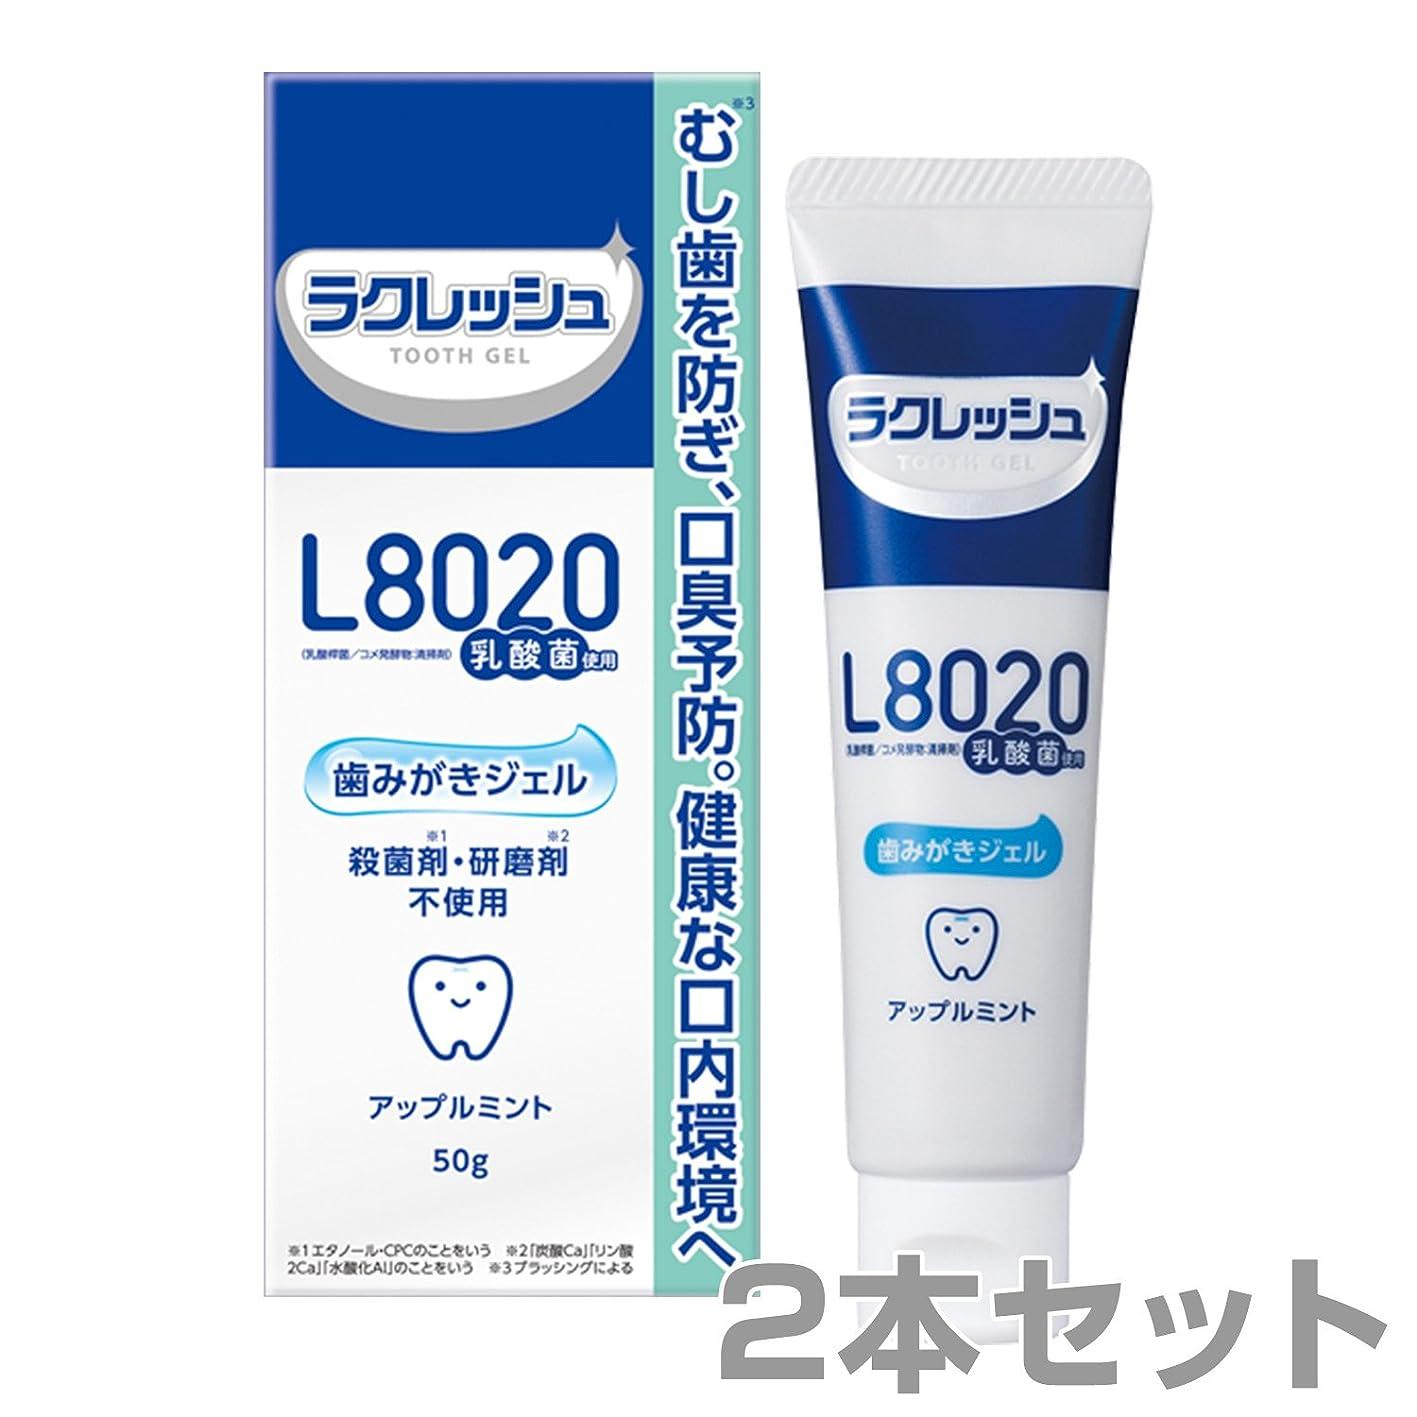 乱雑な砂実際のジェクス(JEX) ラクレッシュ L8020 乳酸菌 歯みがきジェル (50g) 2本セット アップルミント風味